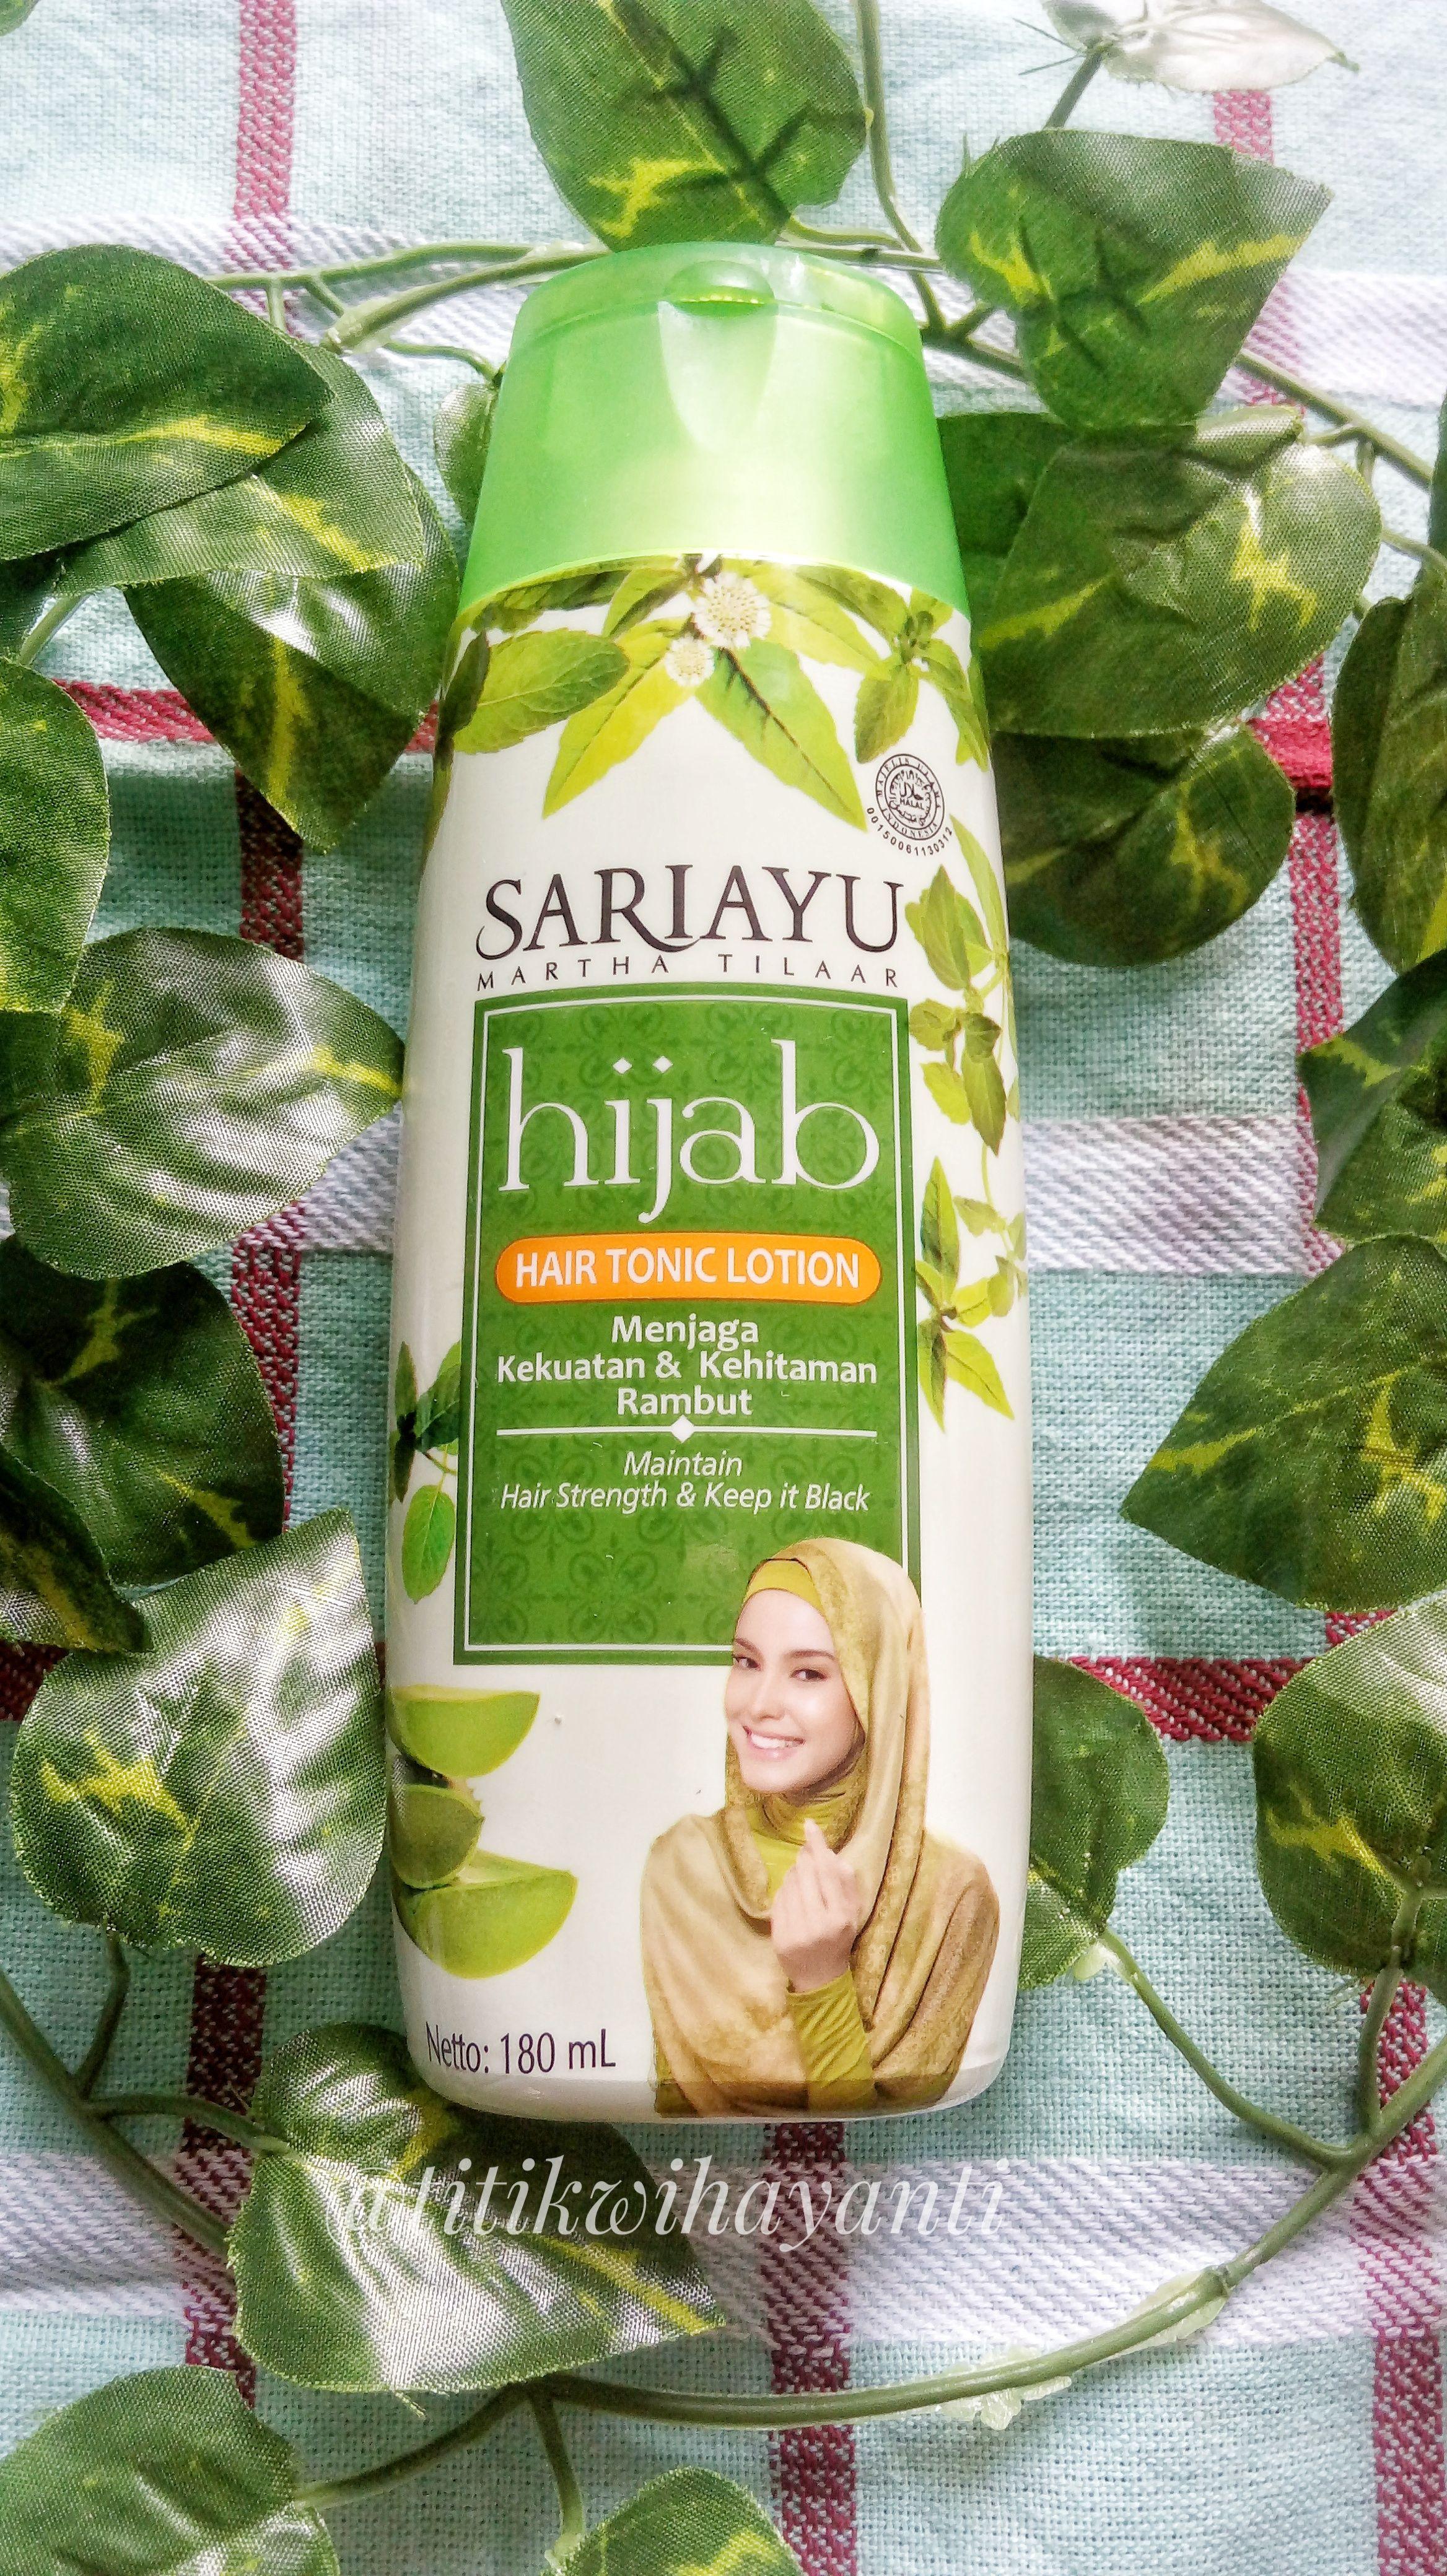 Hair Tonic Lotion By Sariayu Hijab Perawatan Rambut Bahan Alami Rambut